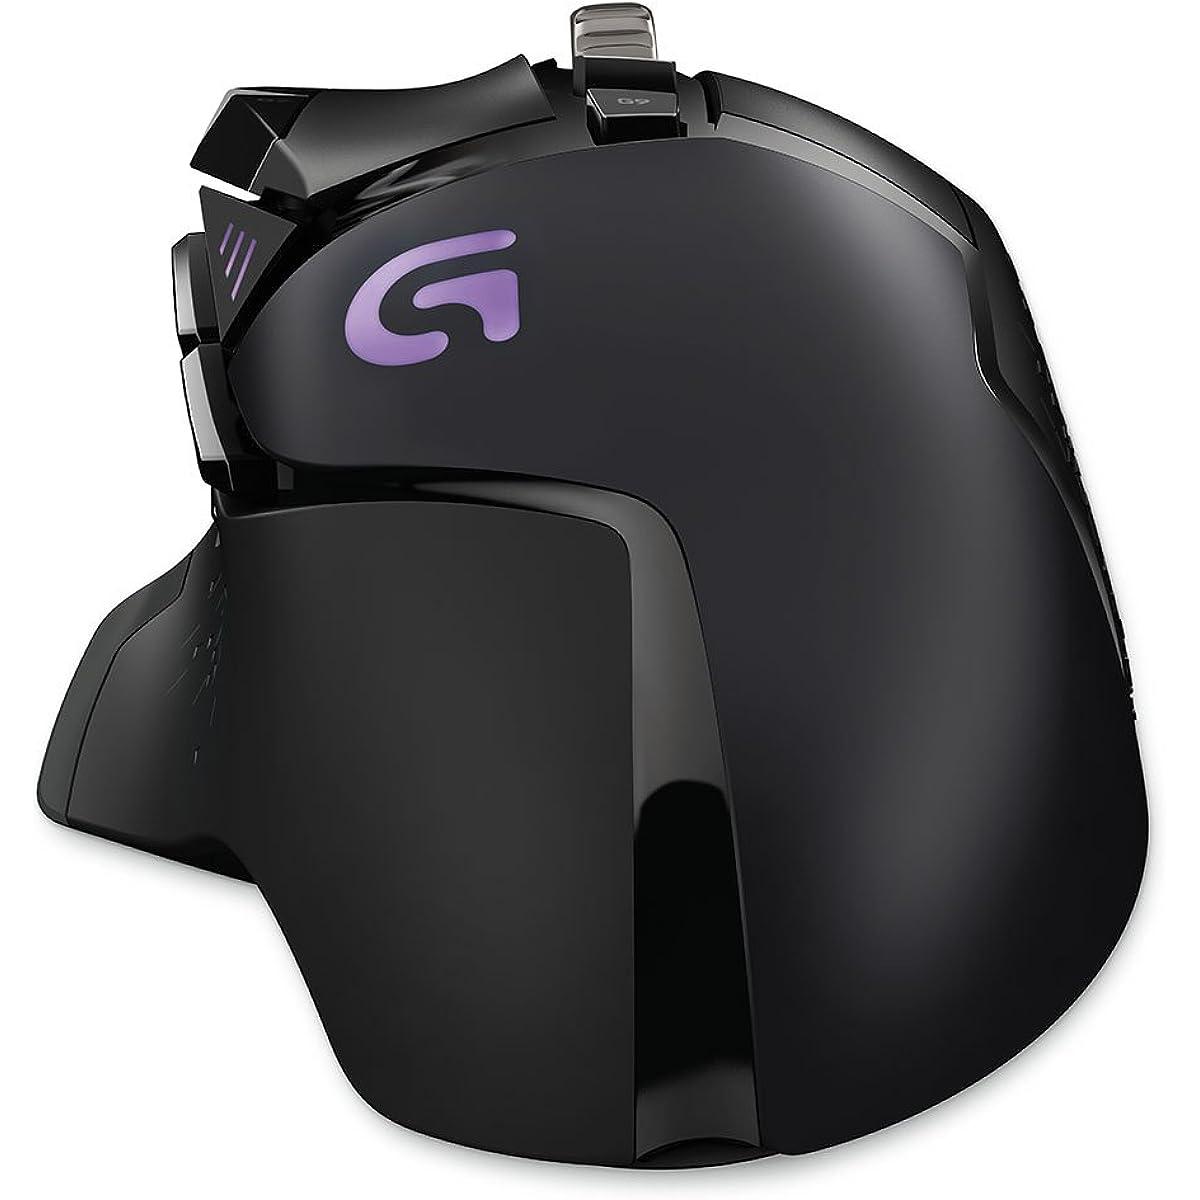 Eine Gaming Maus ist ganz besonders ergonomisch geformt.